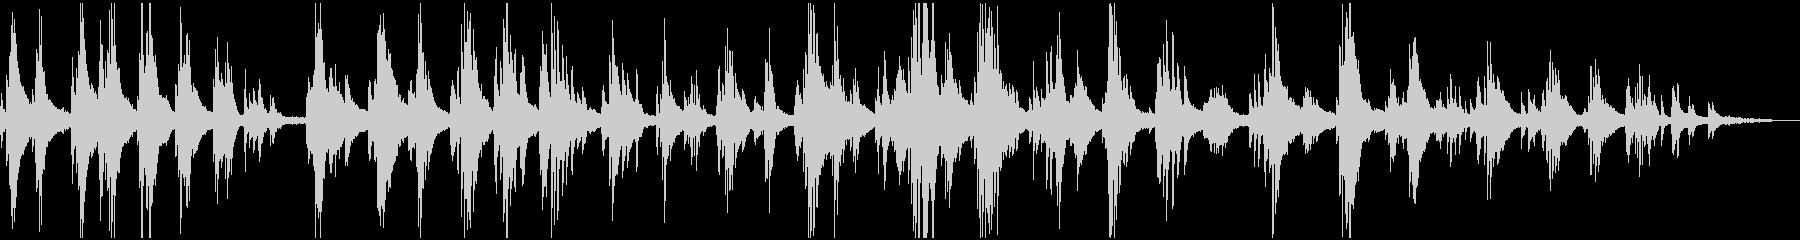 アンビエント・叙情的・風景 ピアノソロの未再生の波形